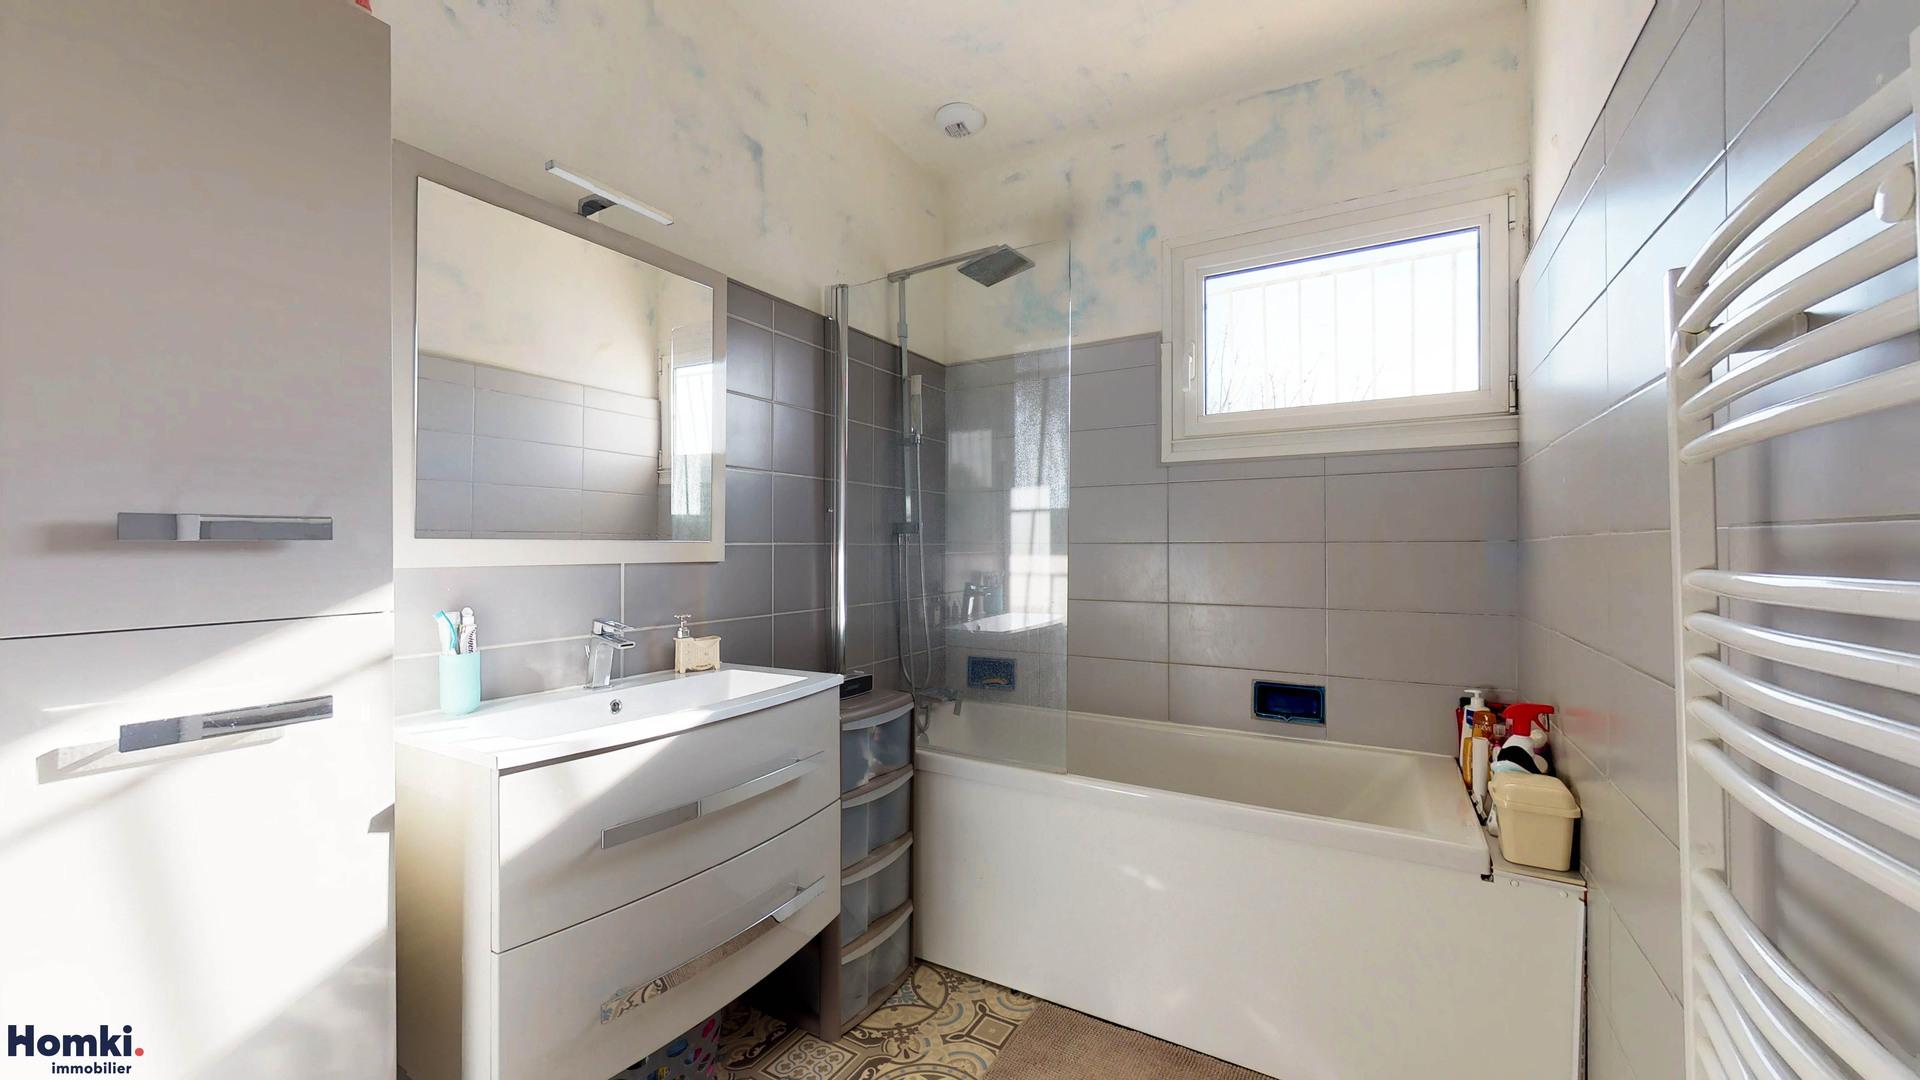 Vente Appartement 104 m² T4 13400 Aubagne_10